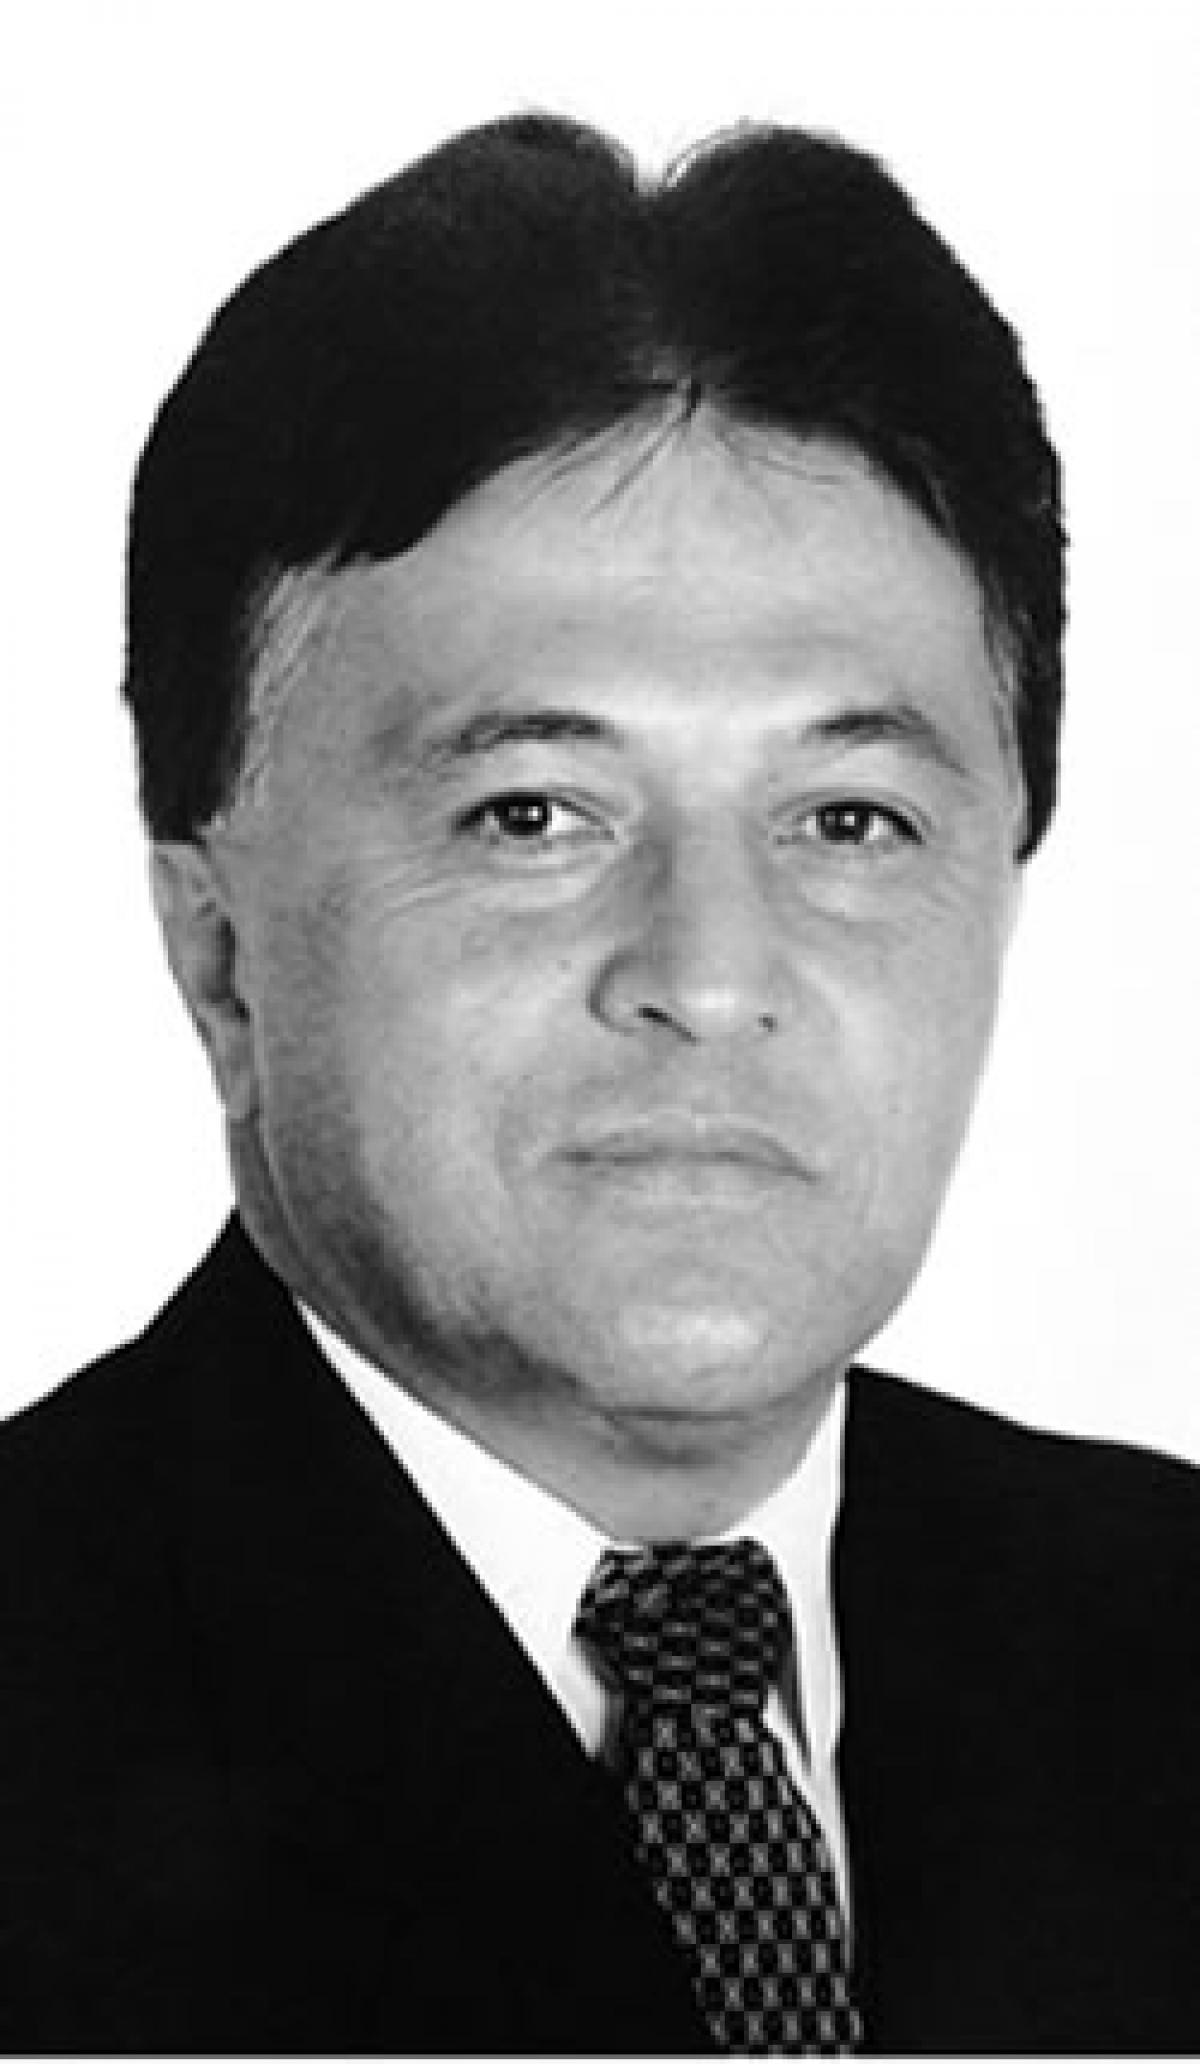 Luis Divonsir Shimoguiri